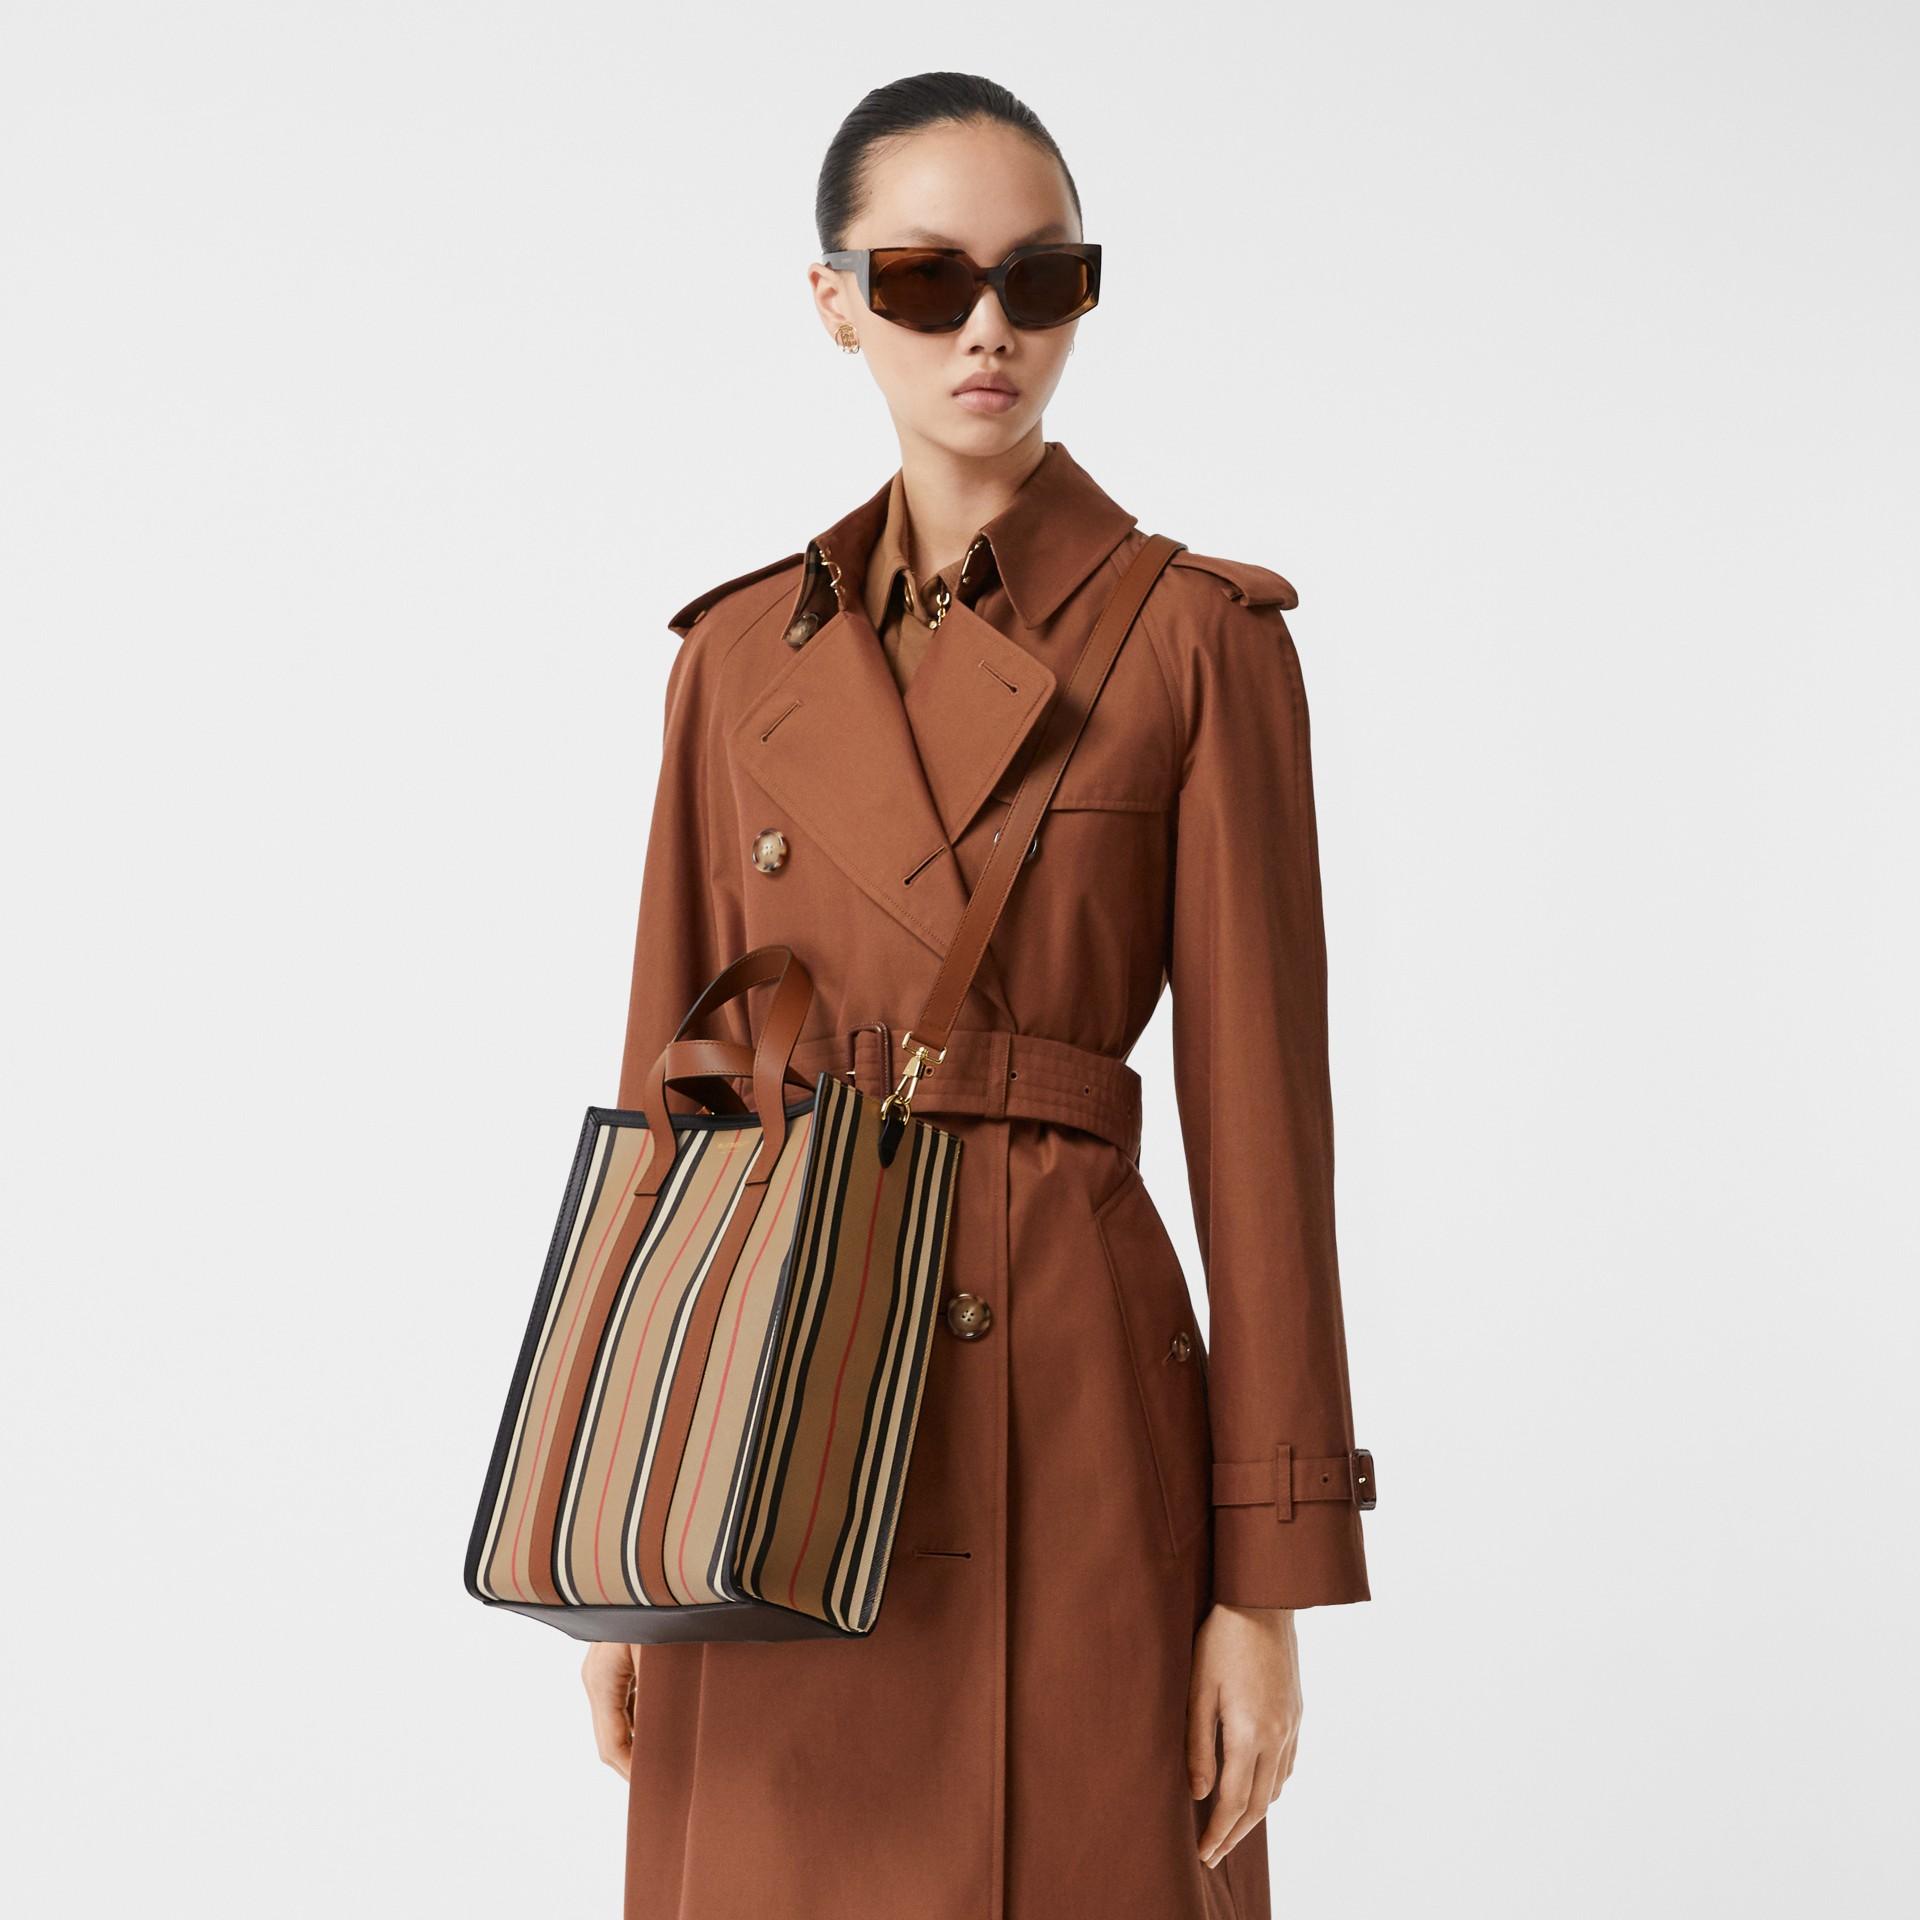 小型標誌性條紋環保帆布直式托特包 (典藏米色) - 女款 | Burberry - 圖庫照片 10